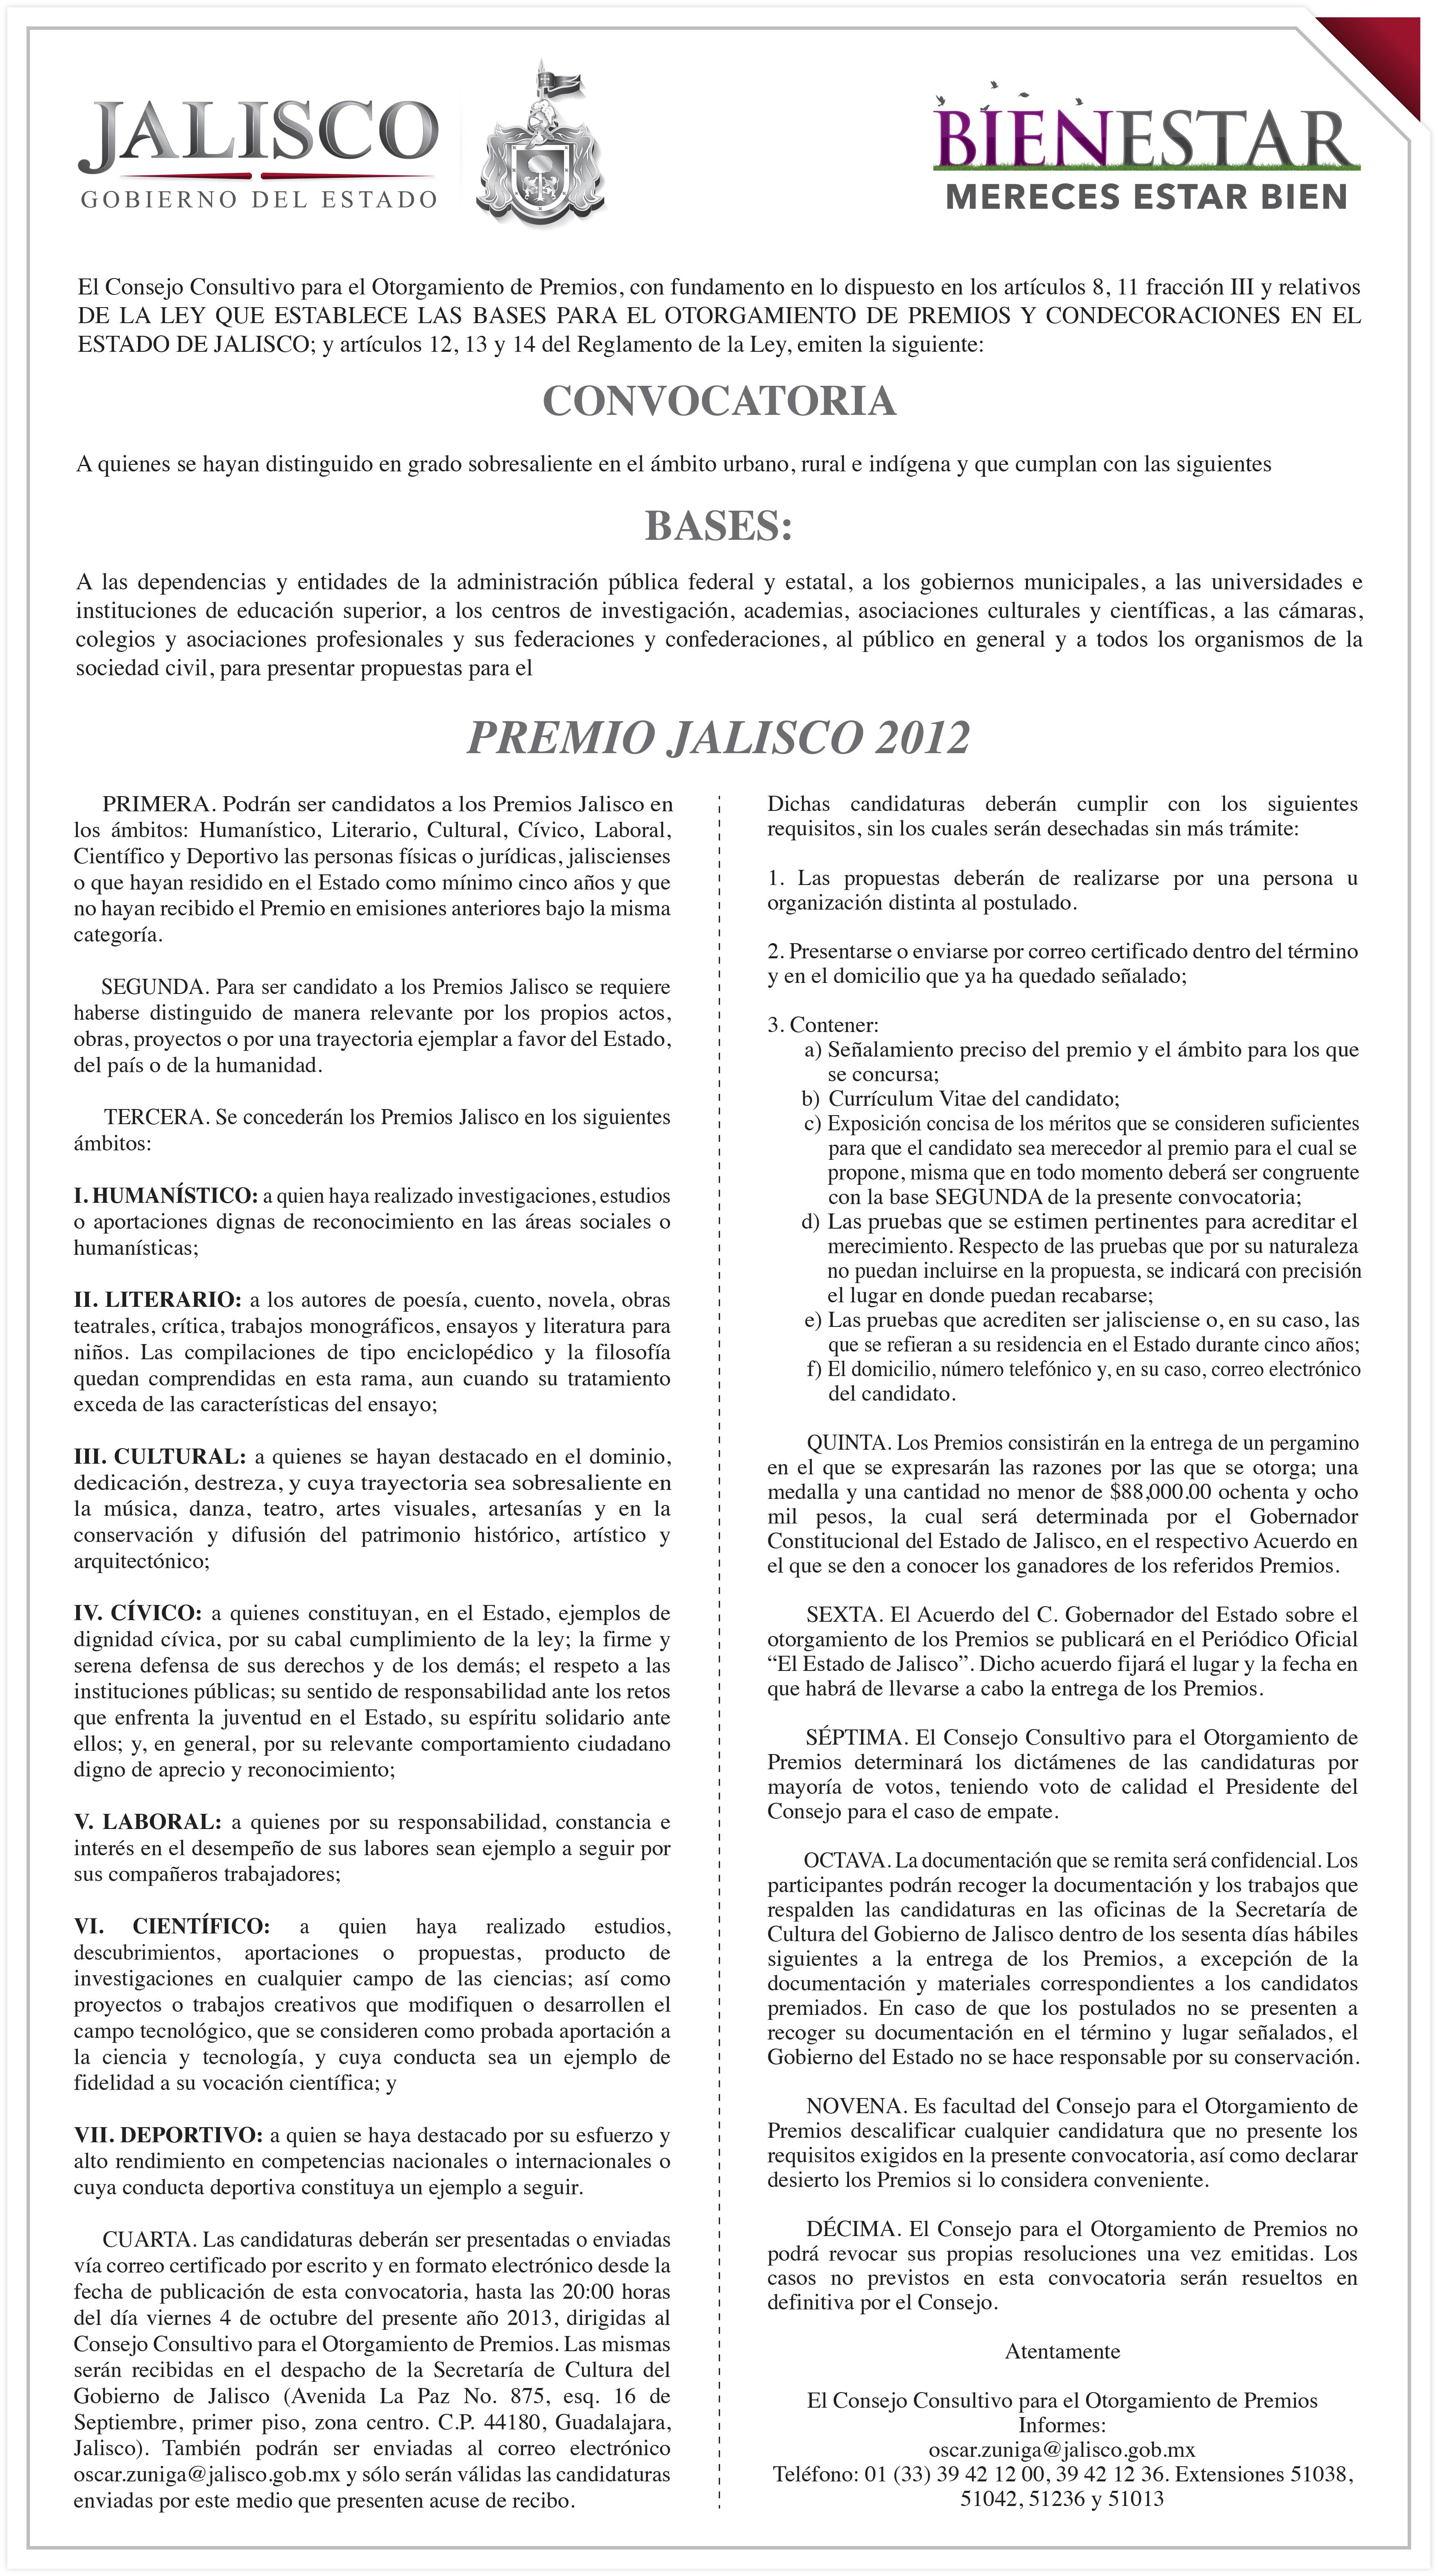 Lanza SC convocatoria del Premio Jalisco 2012